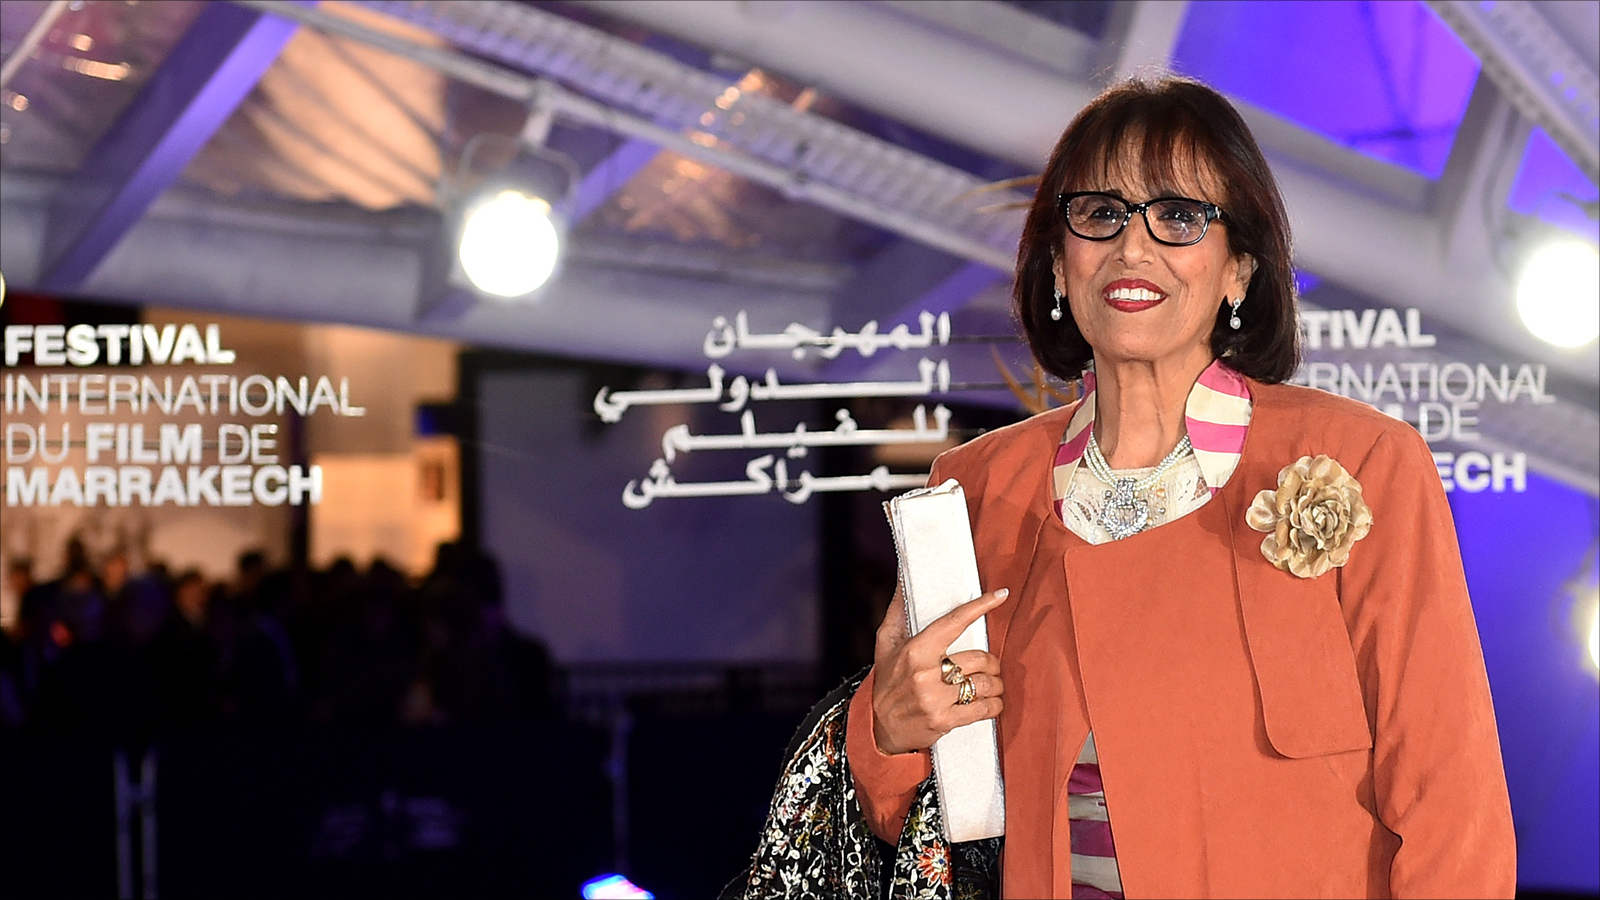 عادت الفنانة المغربية ثريا جبران للساحة الفنية بعد غياب دام لسنوات عبر المشاركة في فيديو كليب لملحمة وطنية تدعم ترشيح المغرب لإستضافة كأس العالم 2026